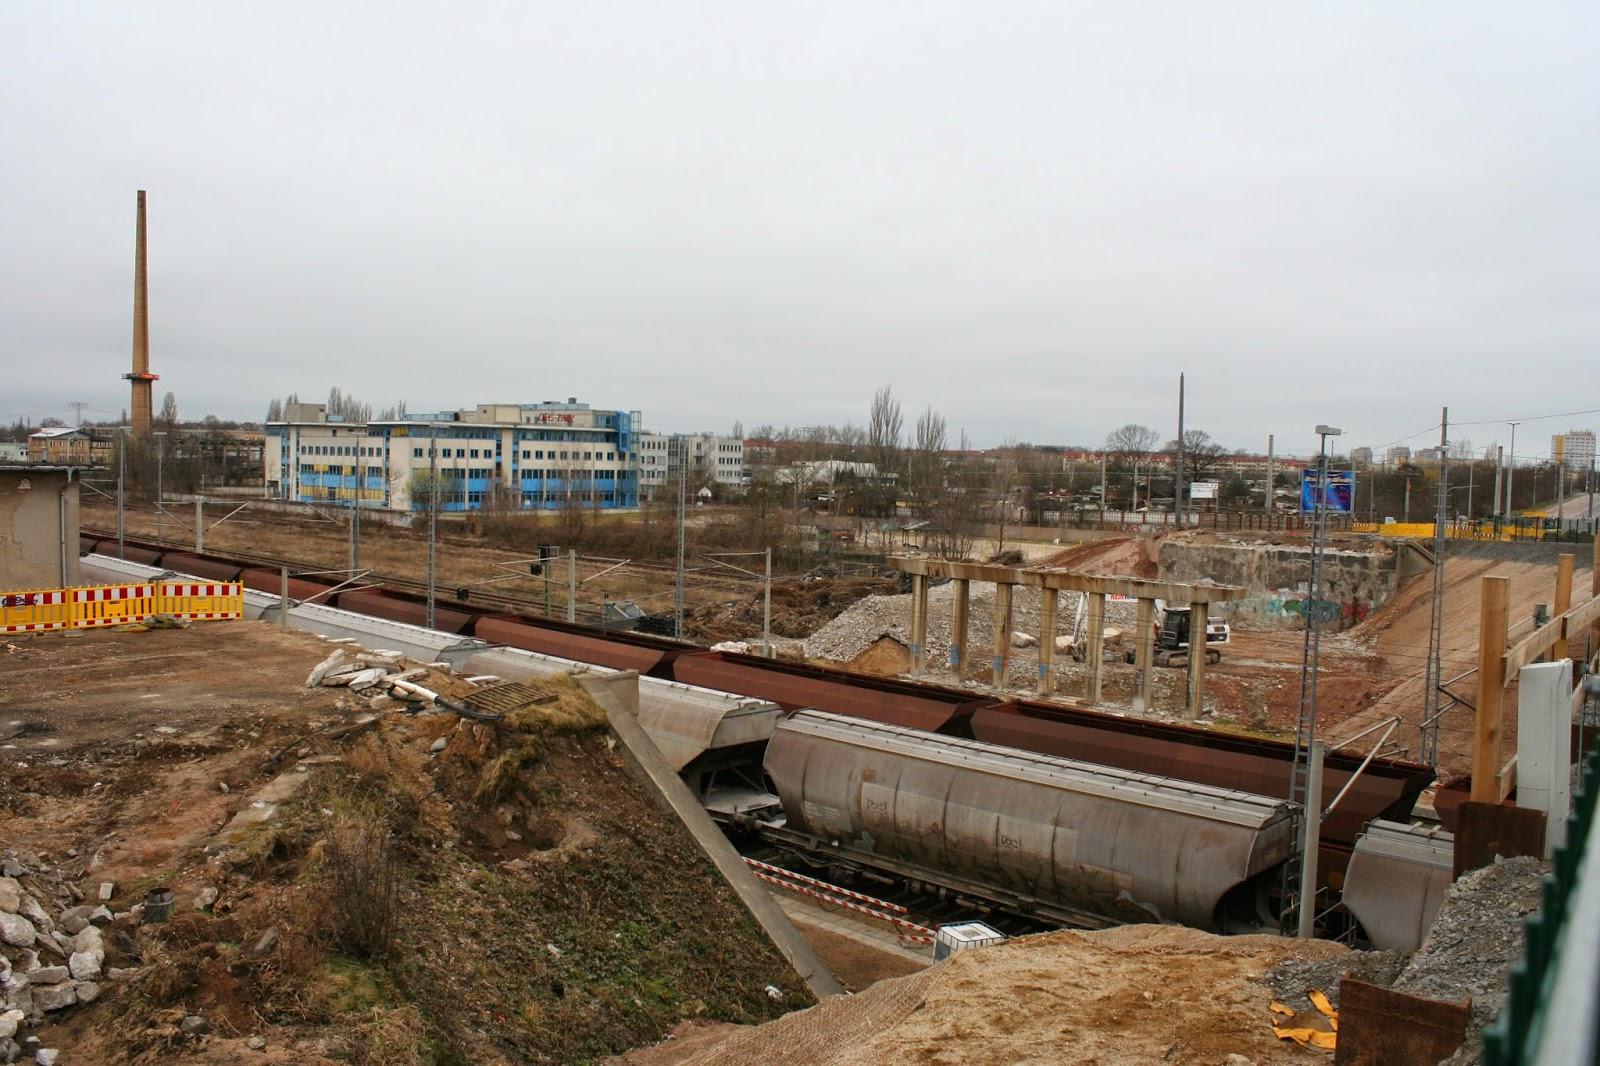 Die letzten Teile der Brücke am Sonntag, den 22 März 2015